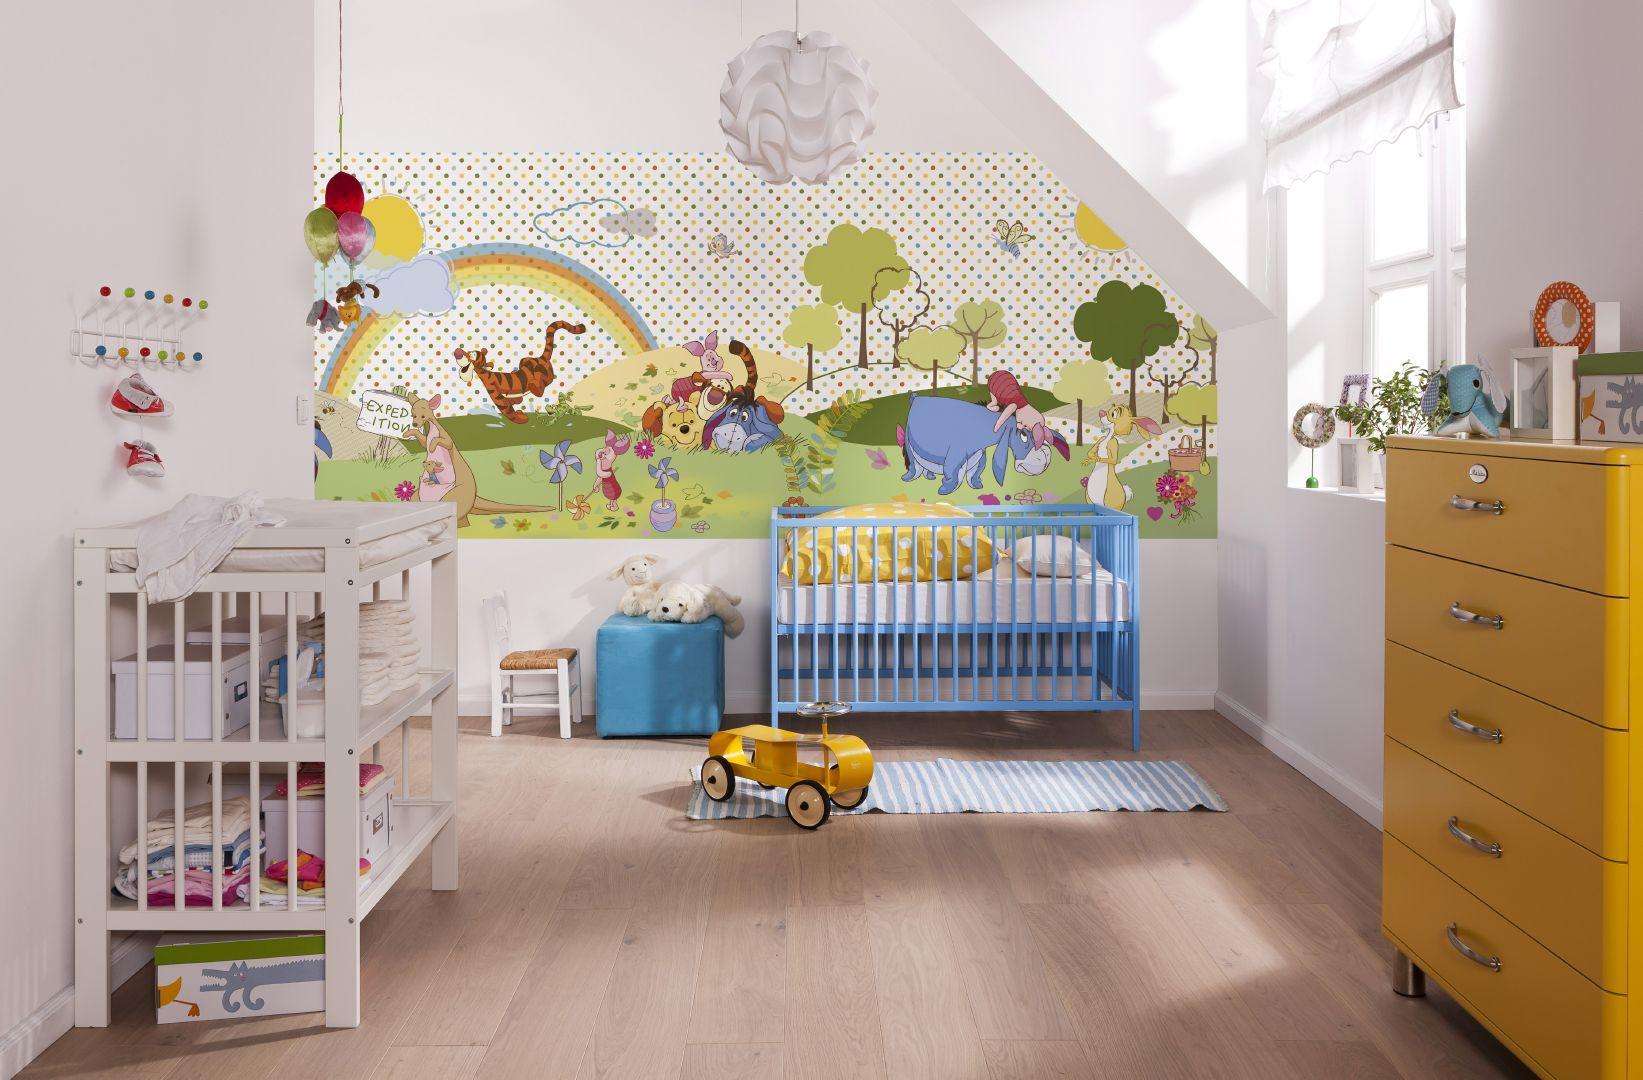 фотообои детские для стен каталог фото